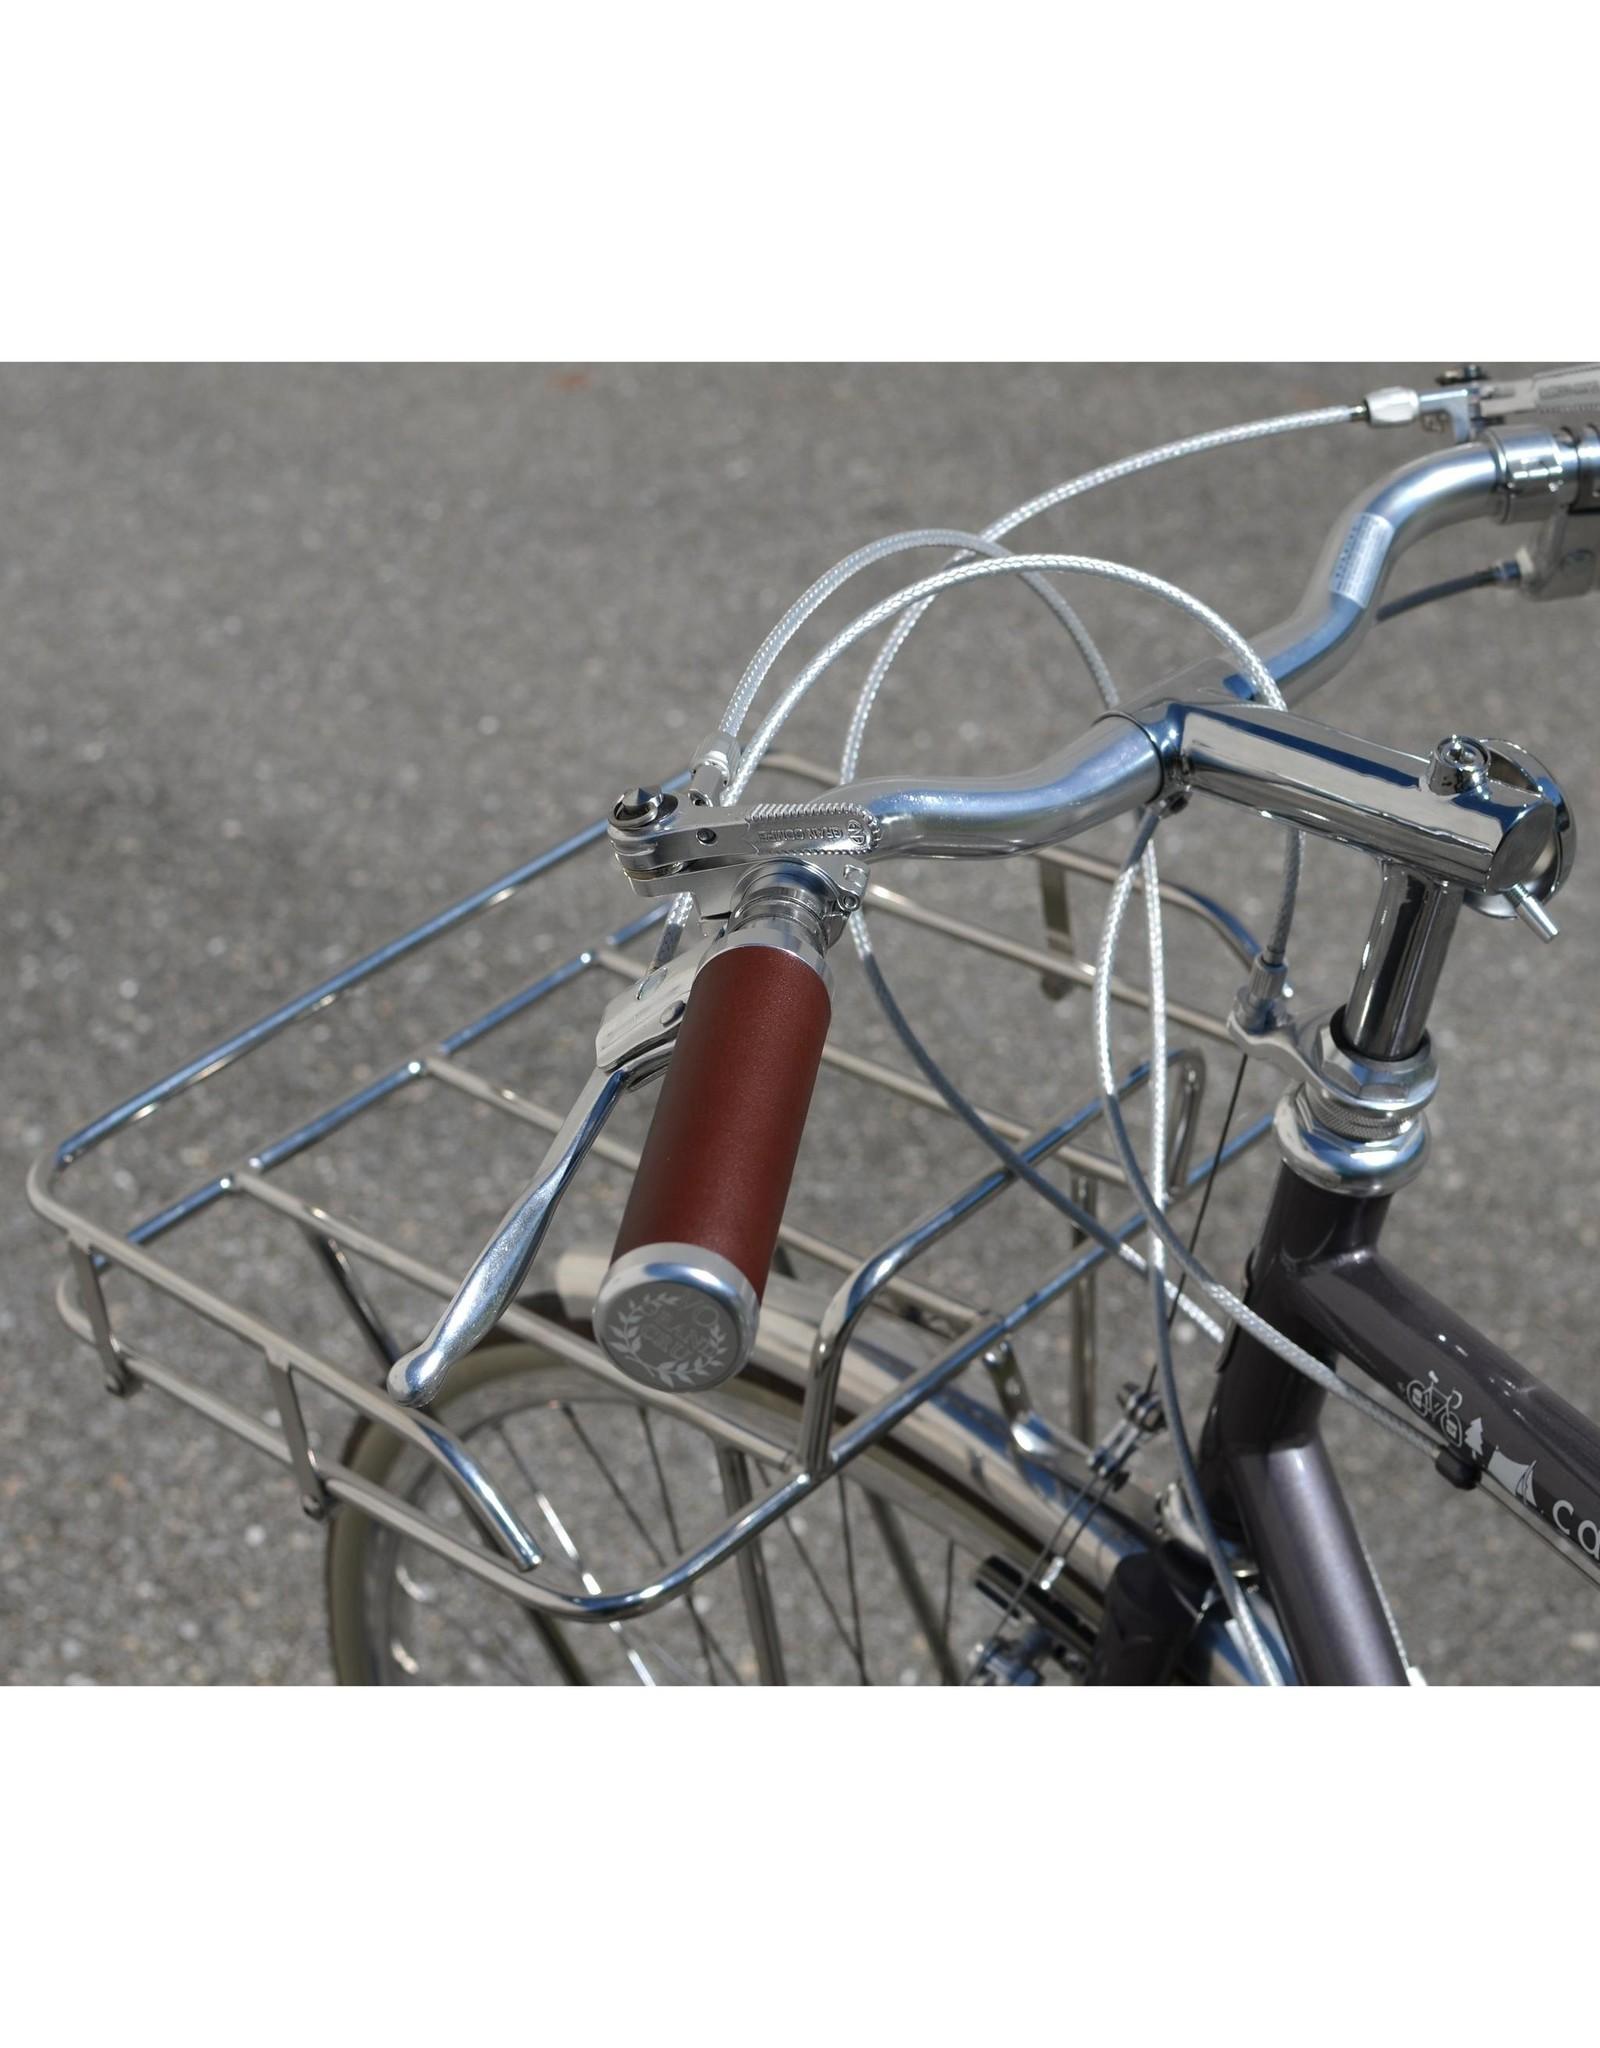 Velo Orange Lock-on Leather Grips